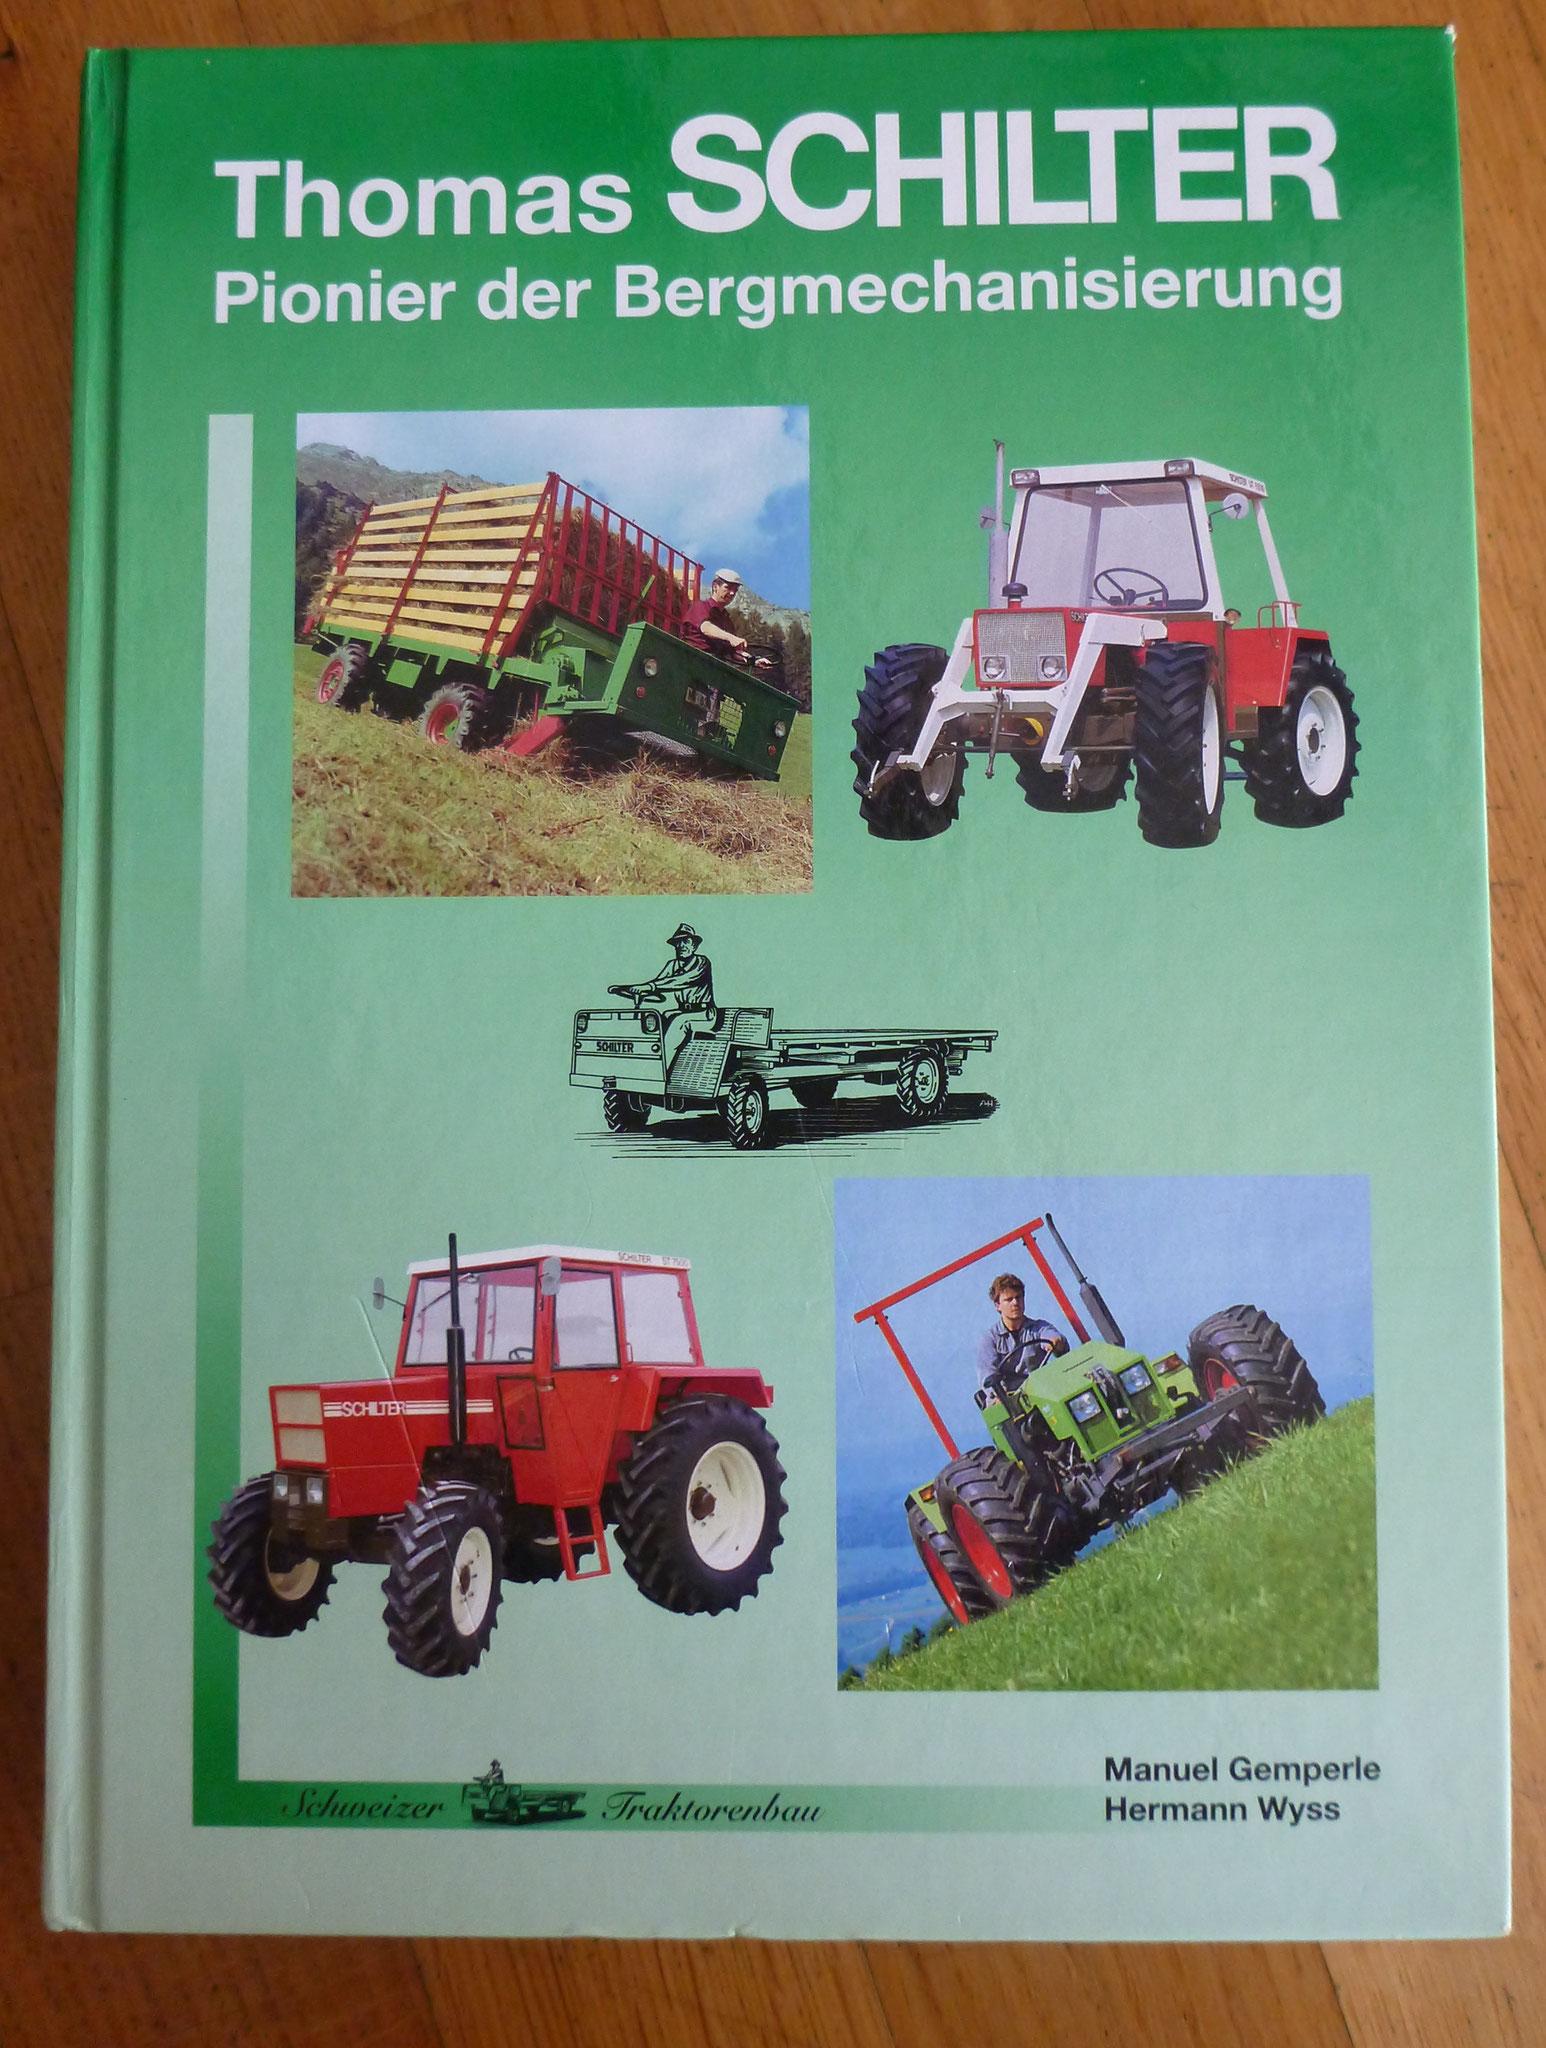 Schilterbuch